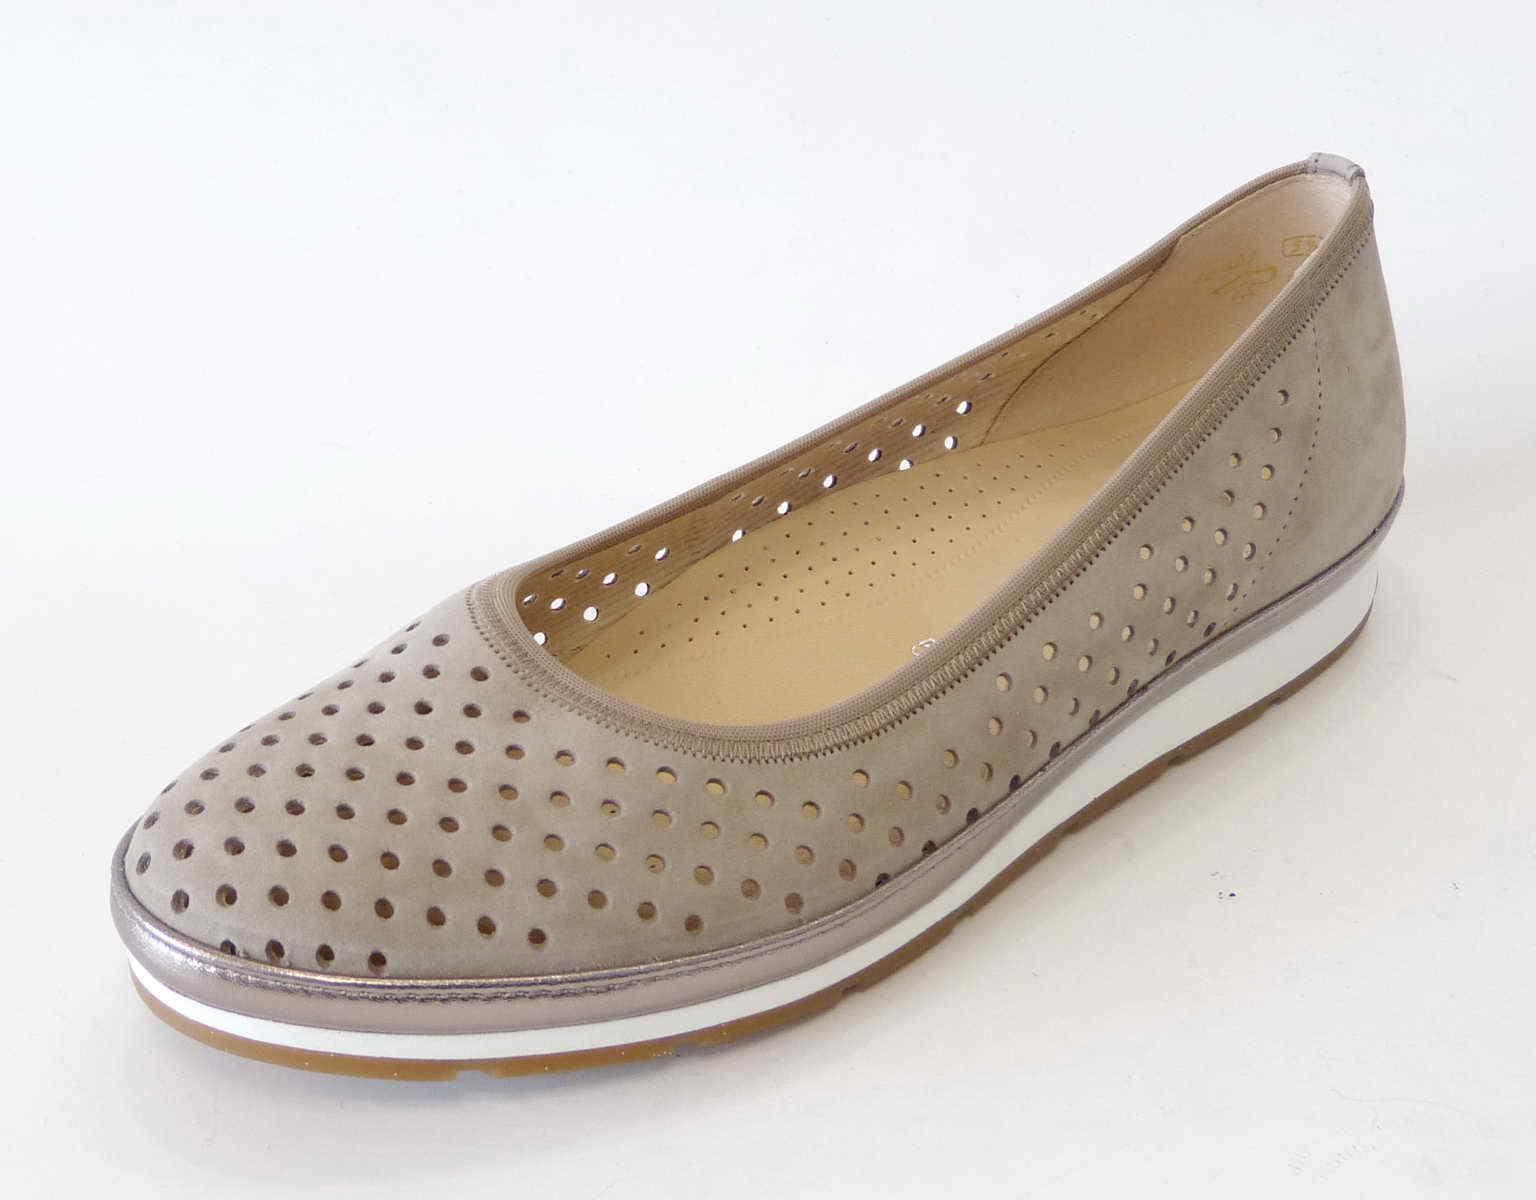 Zapatos casuales salvajes tiempo Descuento por tiempo salvajes limitado Gabor Comfort Ballerina 401 33 visone grau beige Gummizug Einlage Leder Weite G e743a2